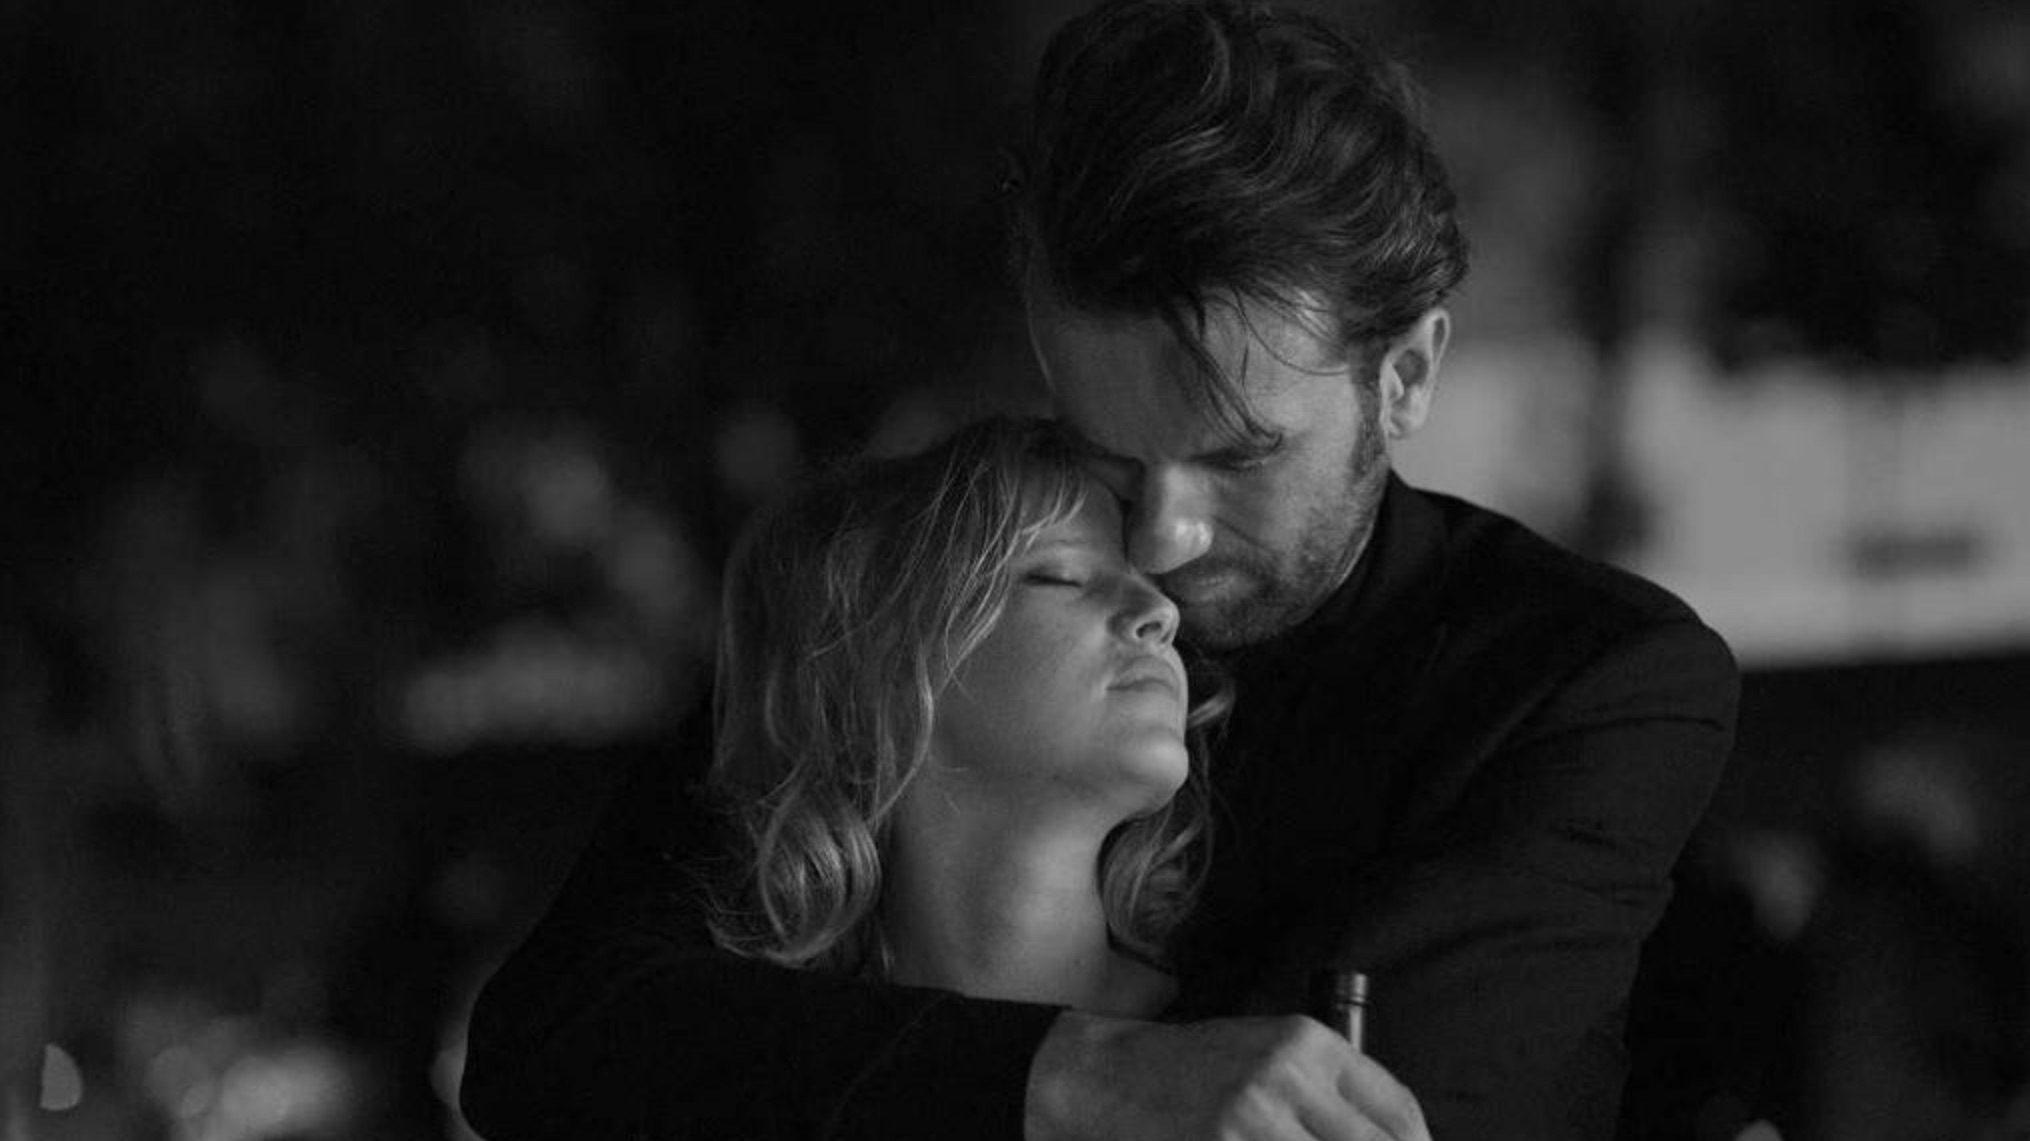 Os Encontros E Desencontros Melancólicos De Um Amor